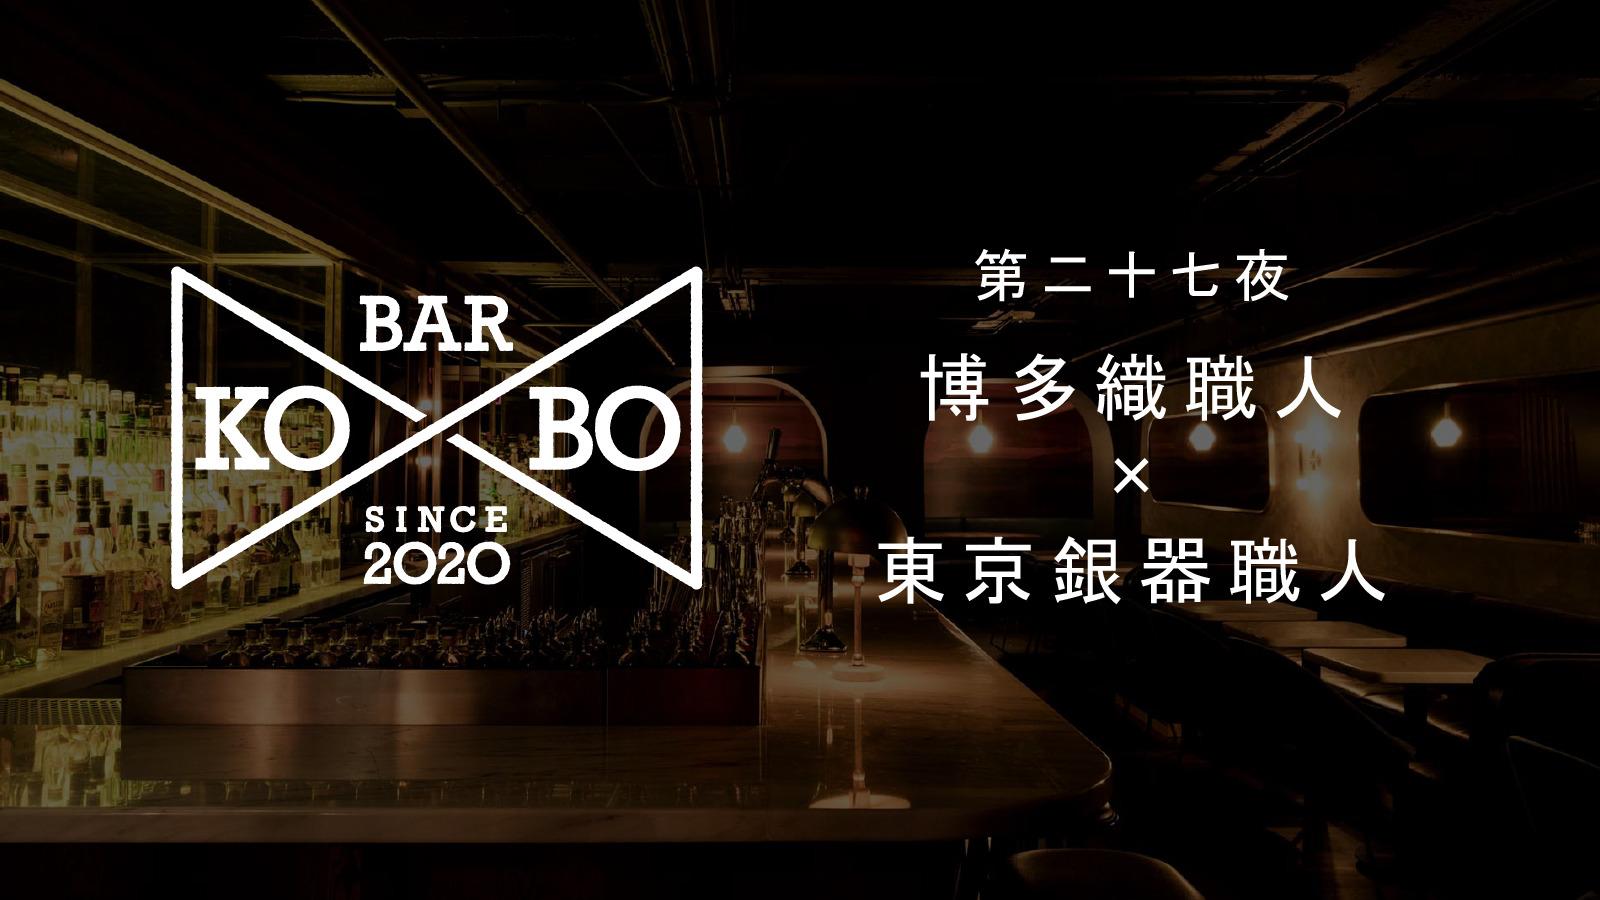 【Bar KO-BO 第二十七夜】博多織職人×東京銀器職人